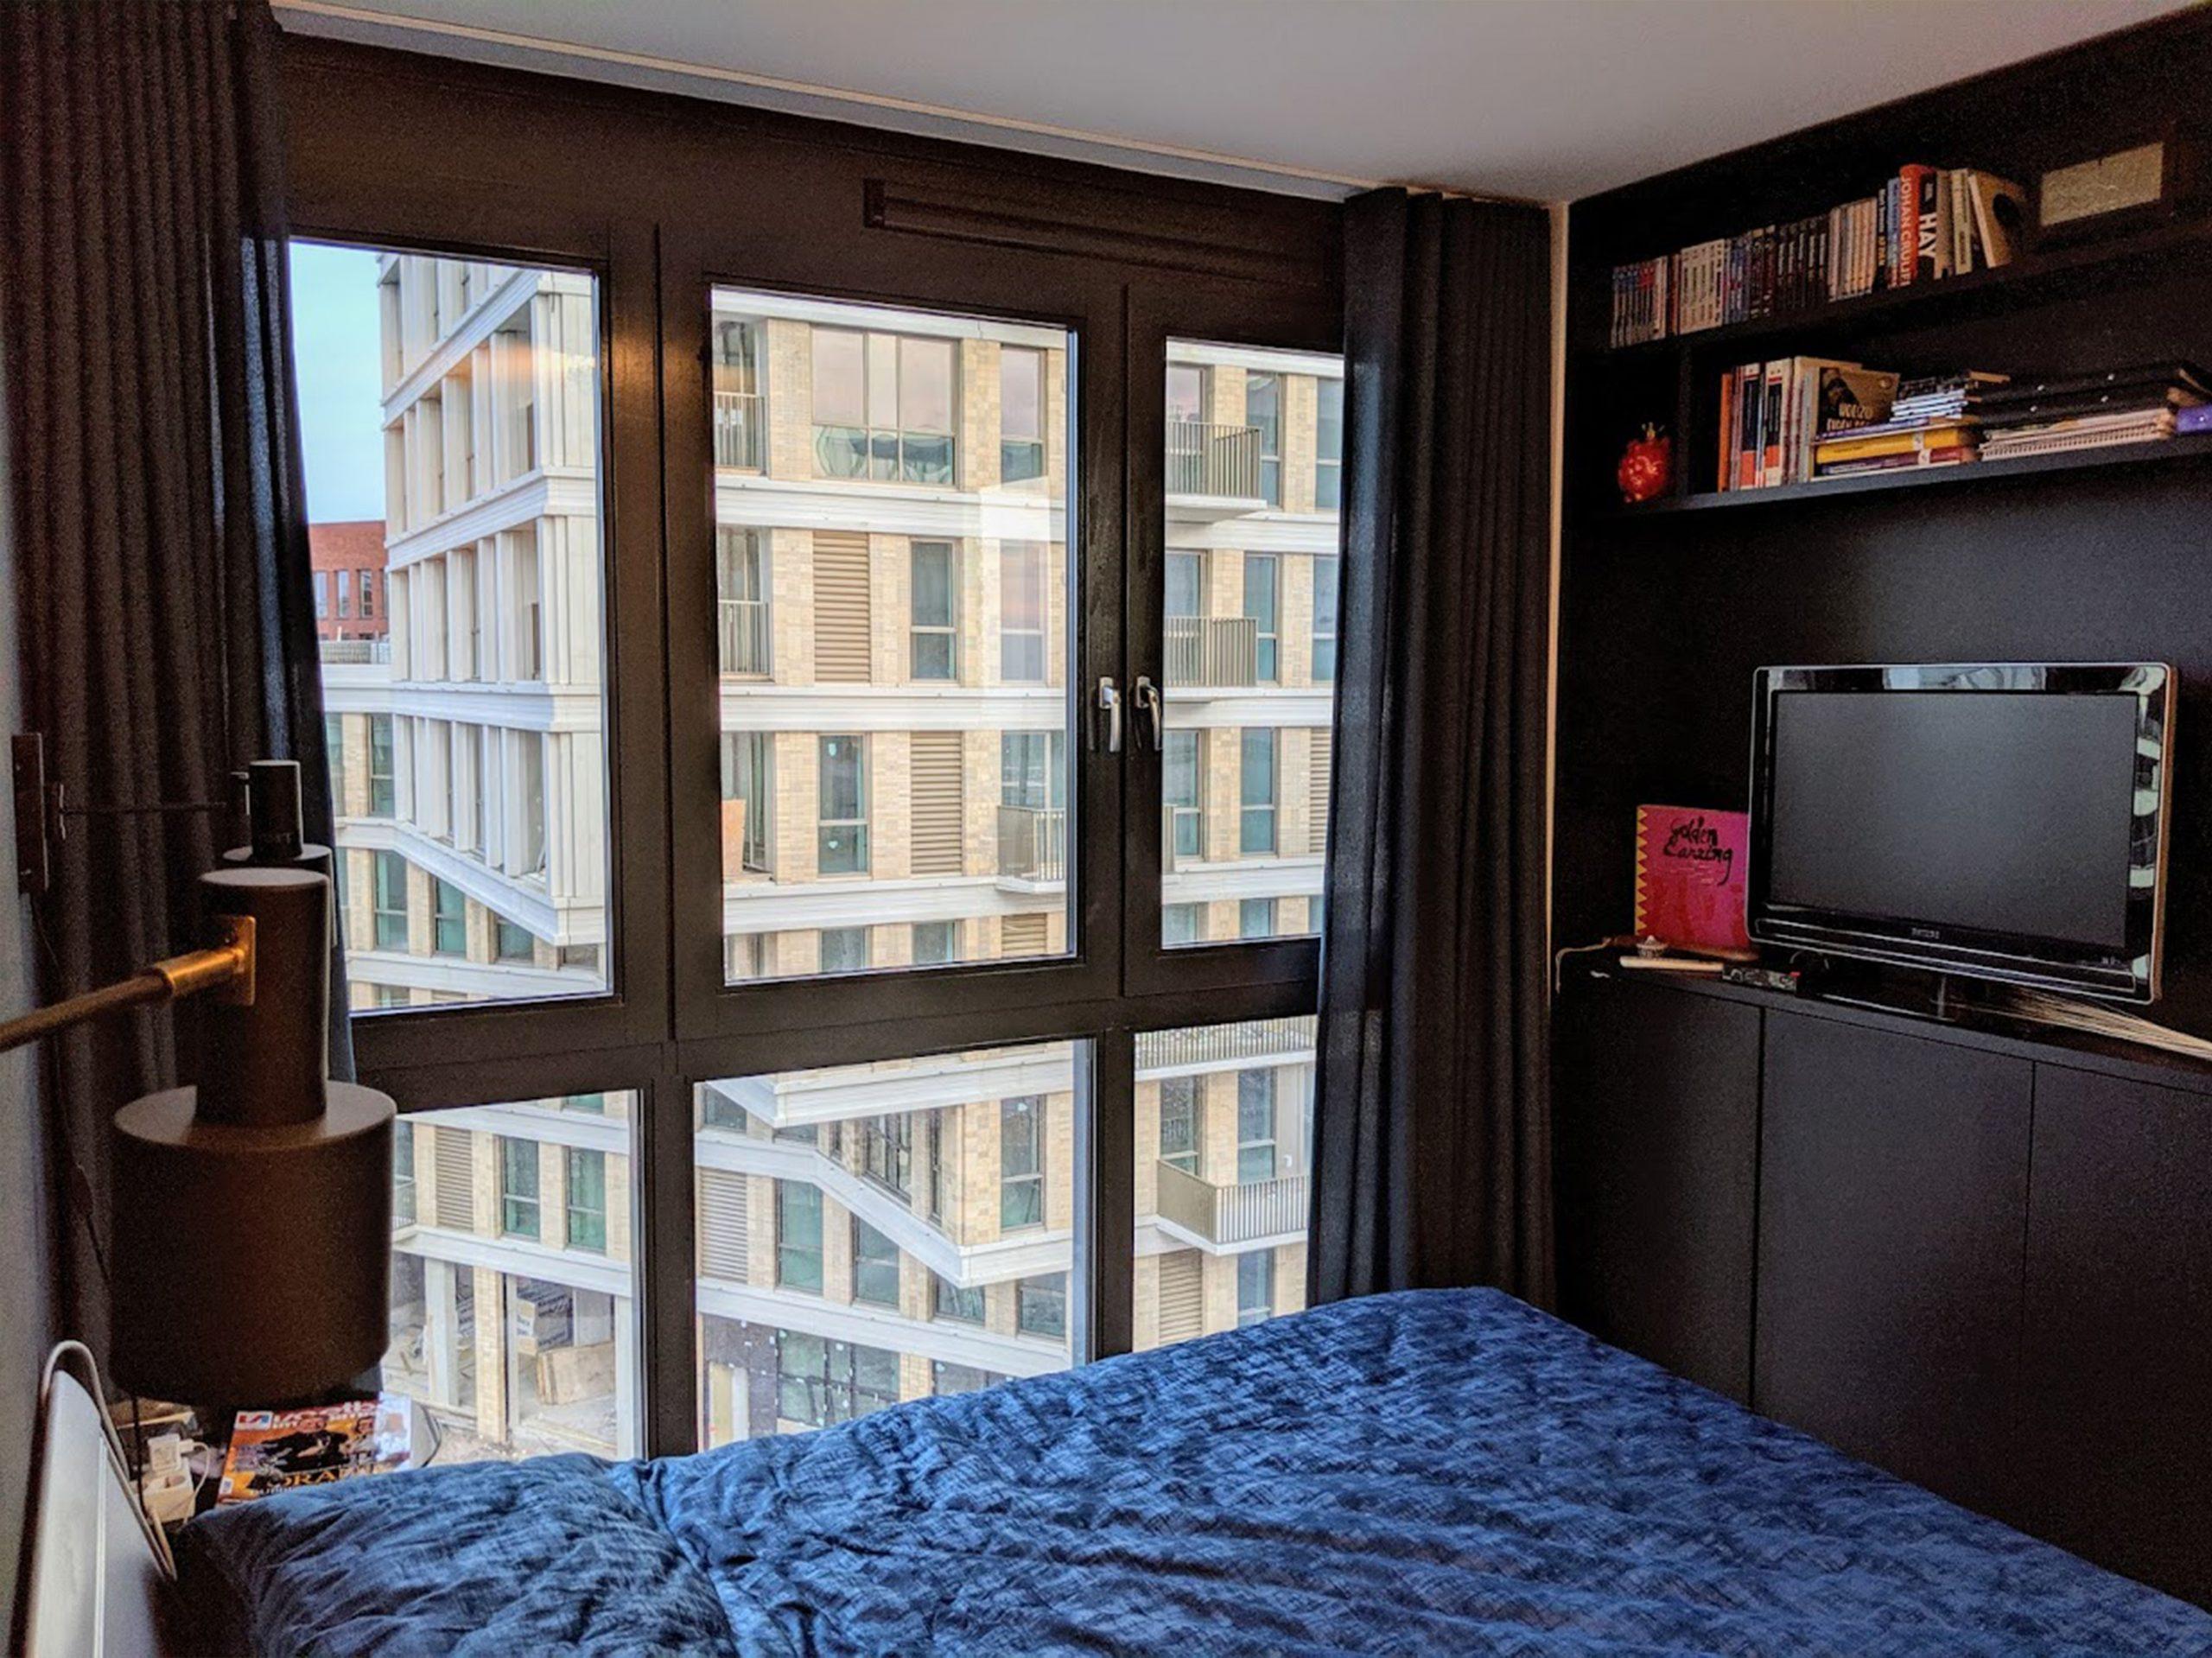 een slaapkamer straalt luxe en geborgenheid uit, met donkere tinten